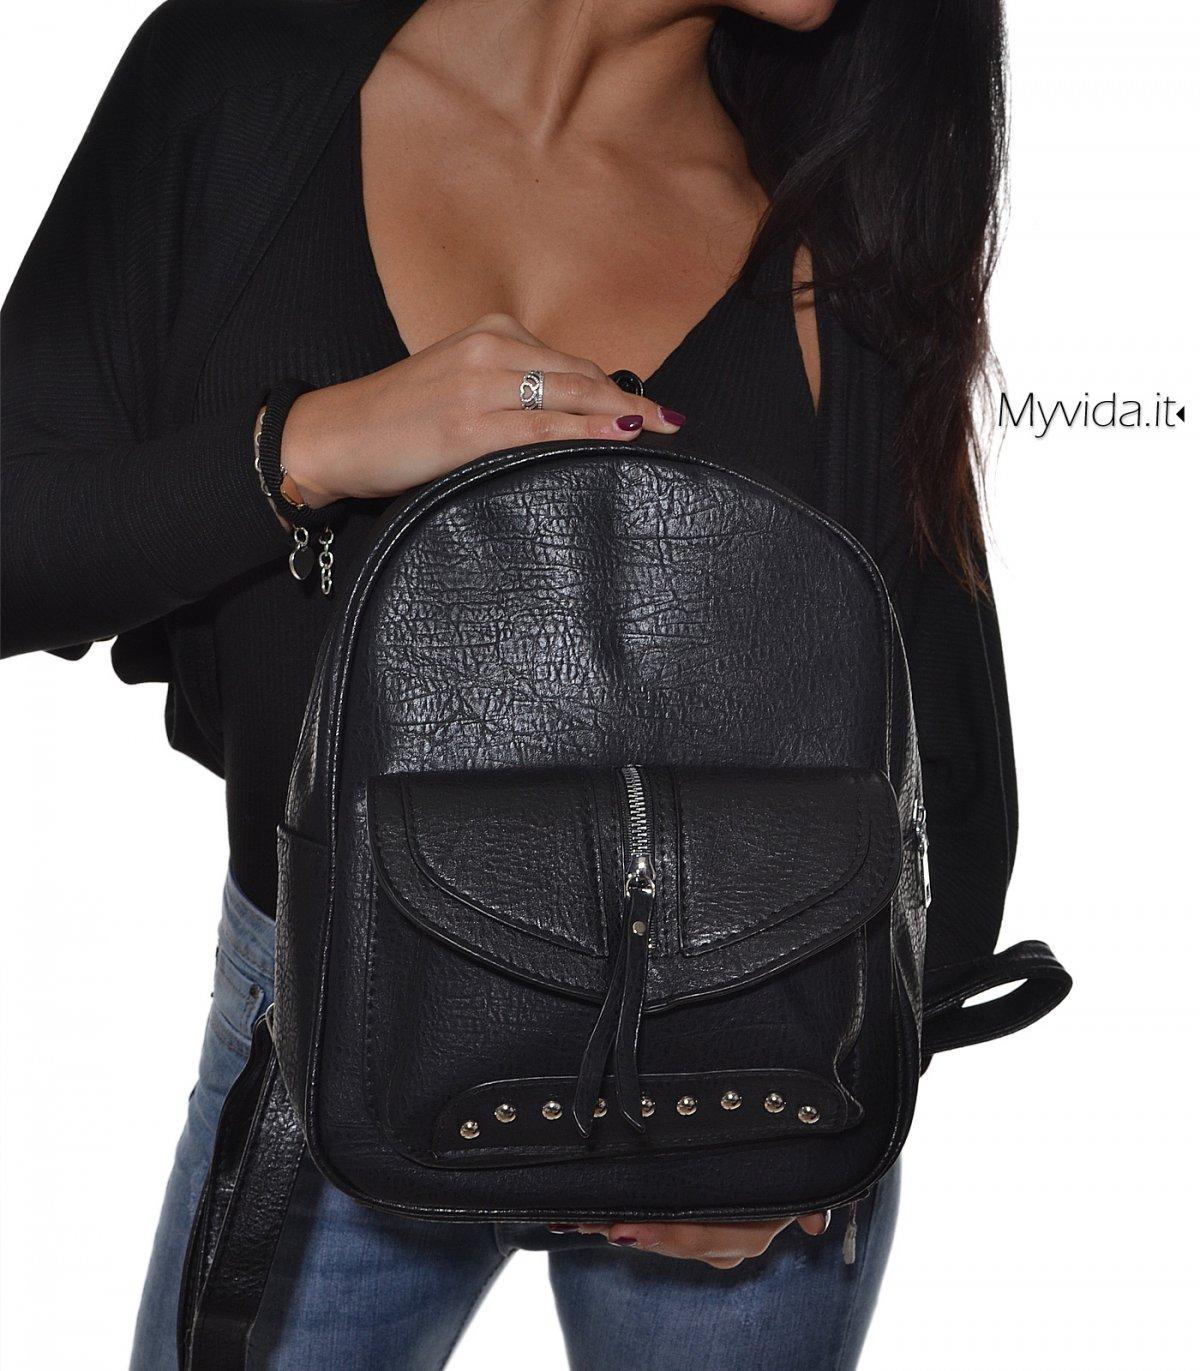 selezione premium cc9e1 184a8 Borsa zaino donna borchie | My Vida